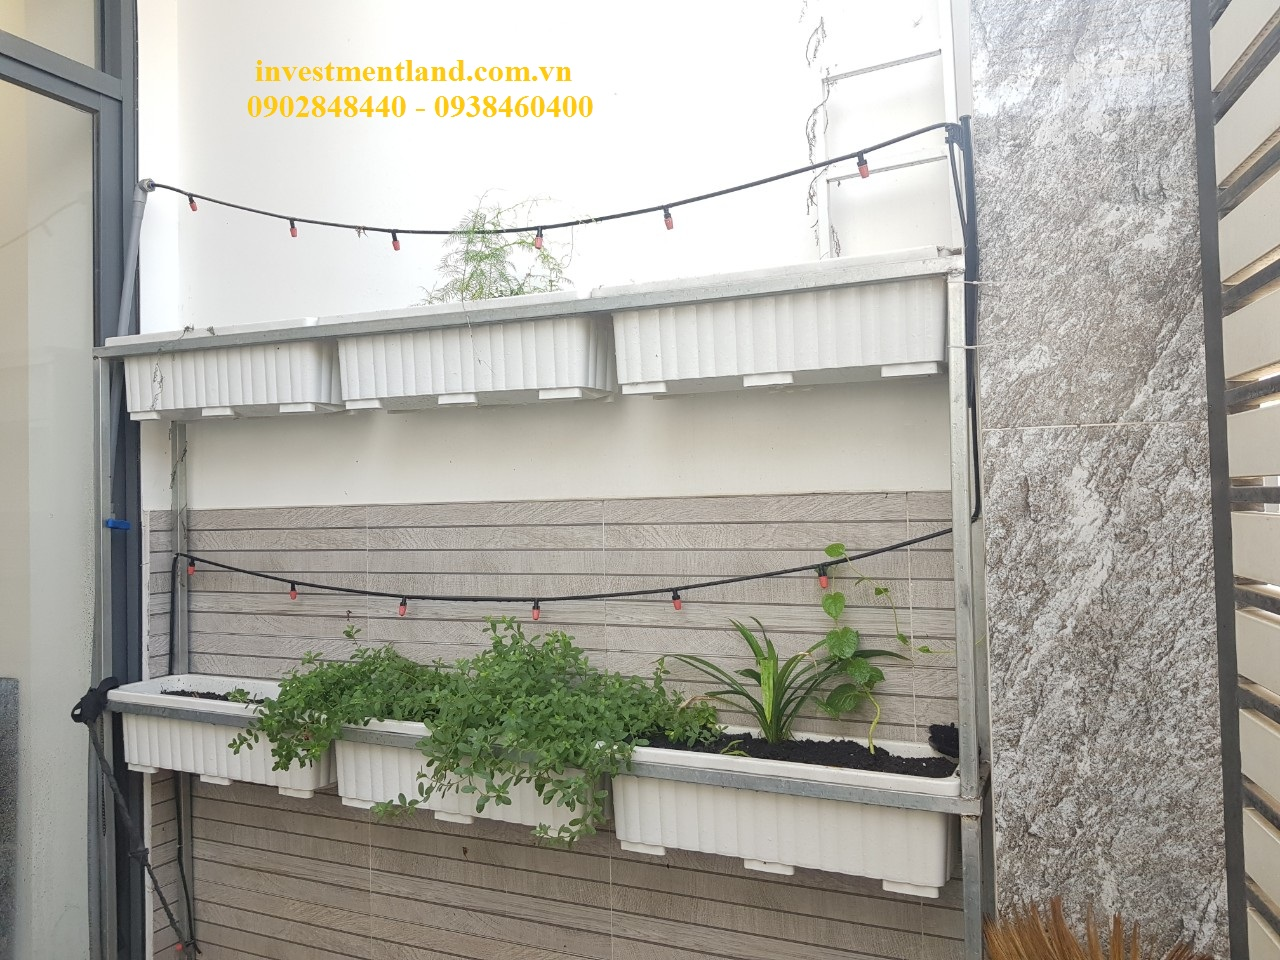 Sân trồng rau nhà đường Gò Cát phường Phú Hữu Quận 9